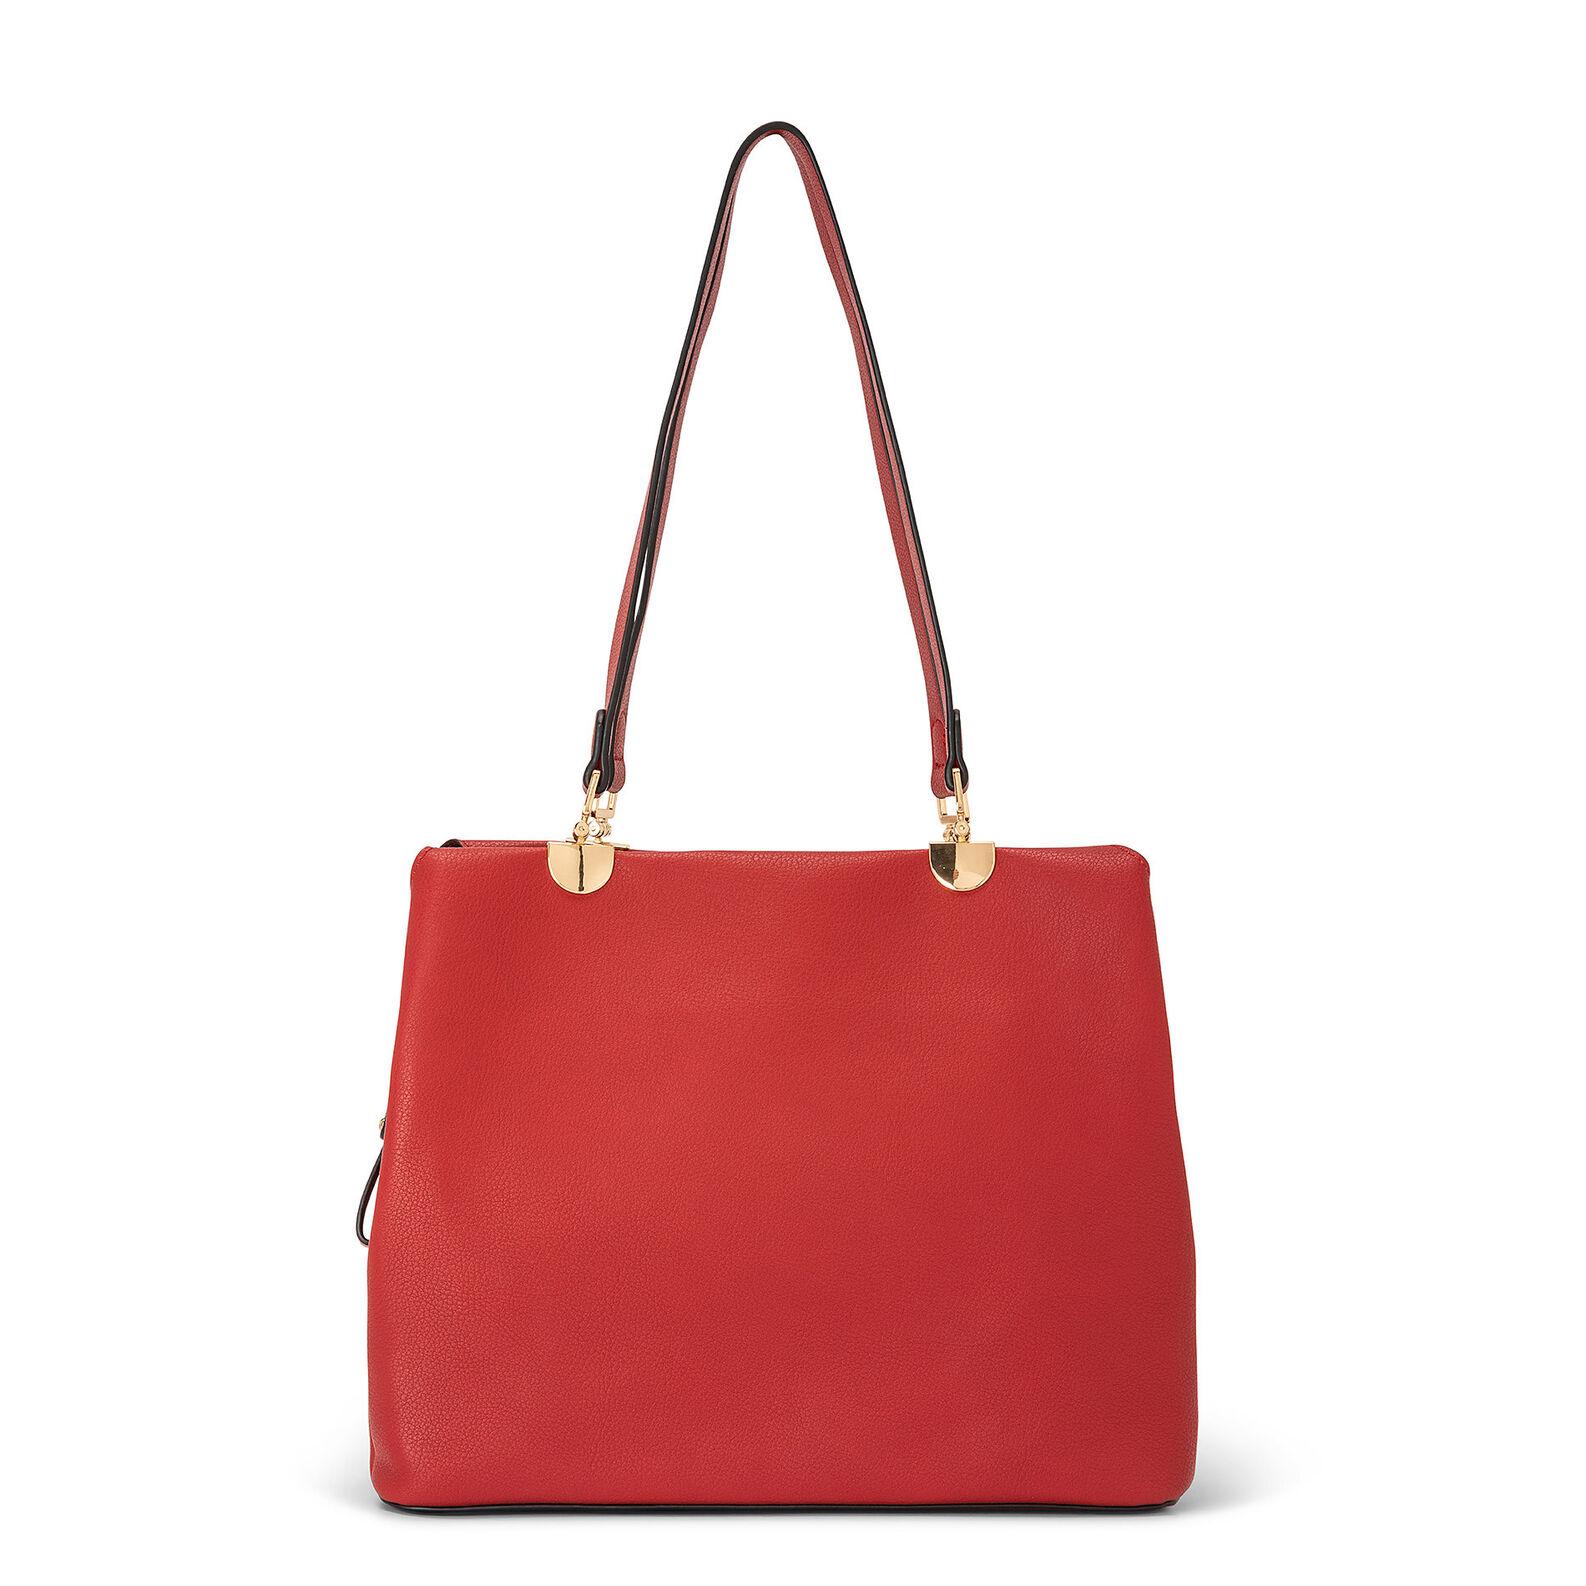 Koan shopping bag with zip